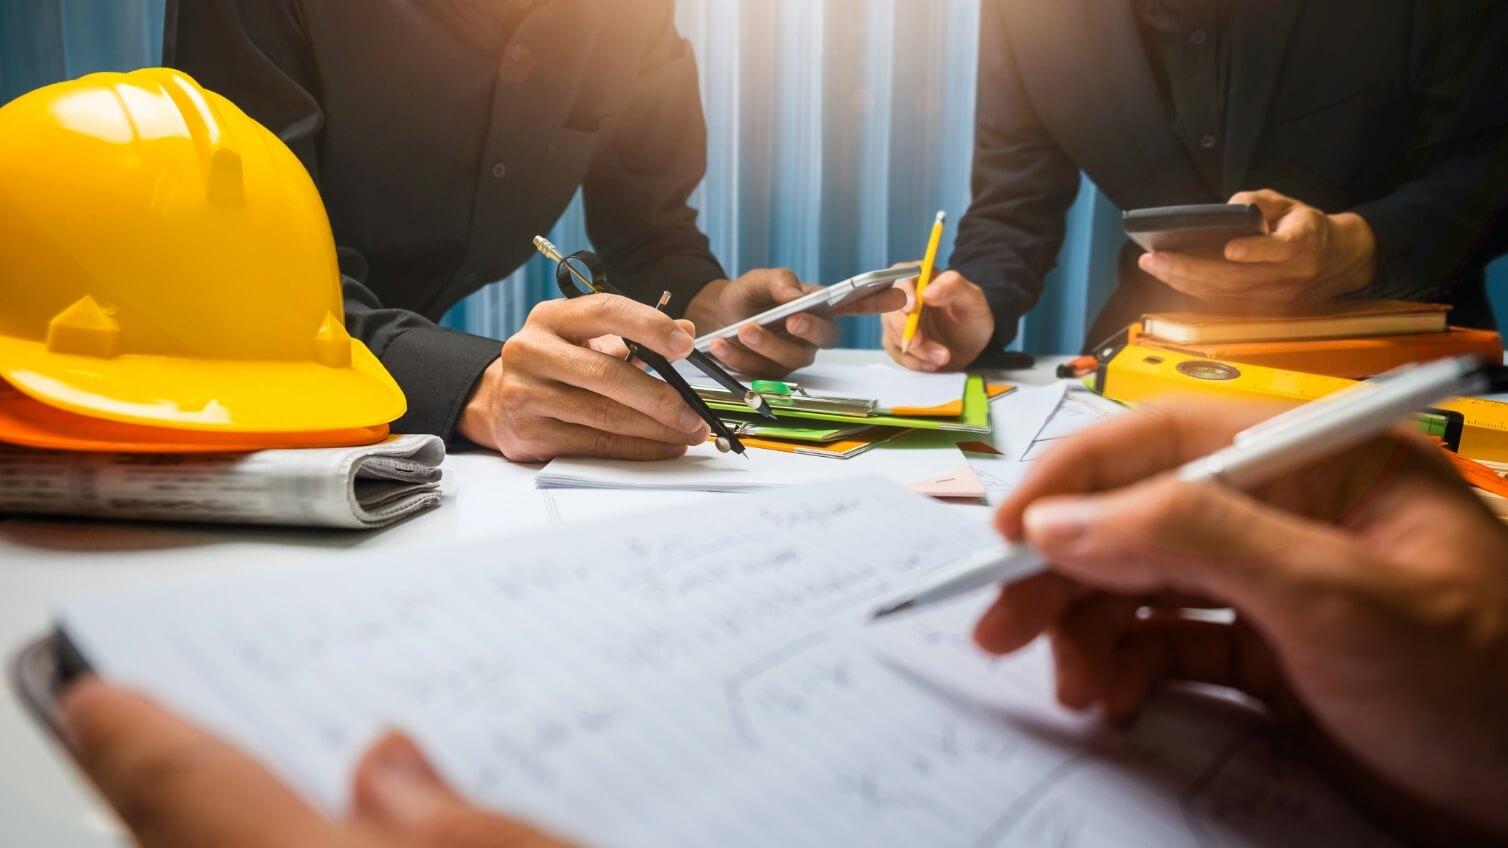 働き方改革に取り組んでいるのに…建設業界で残業が減らない原因は?